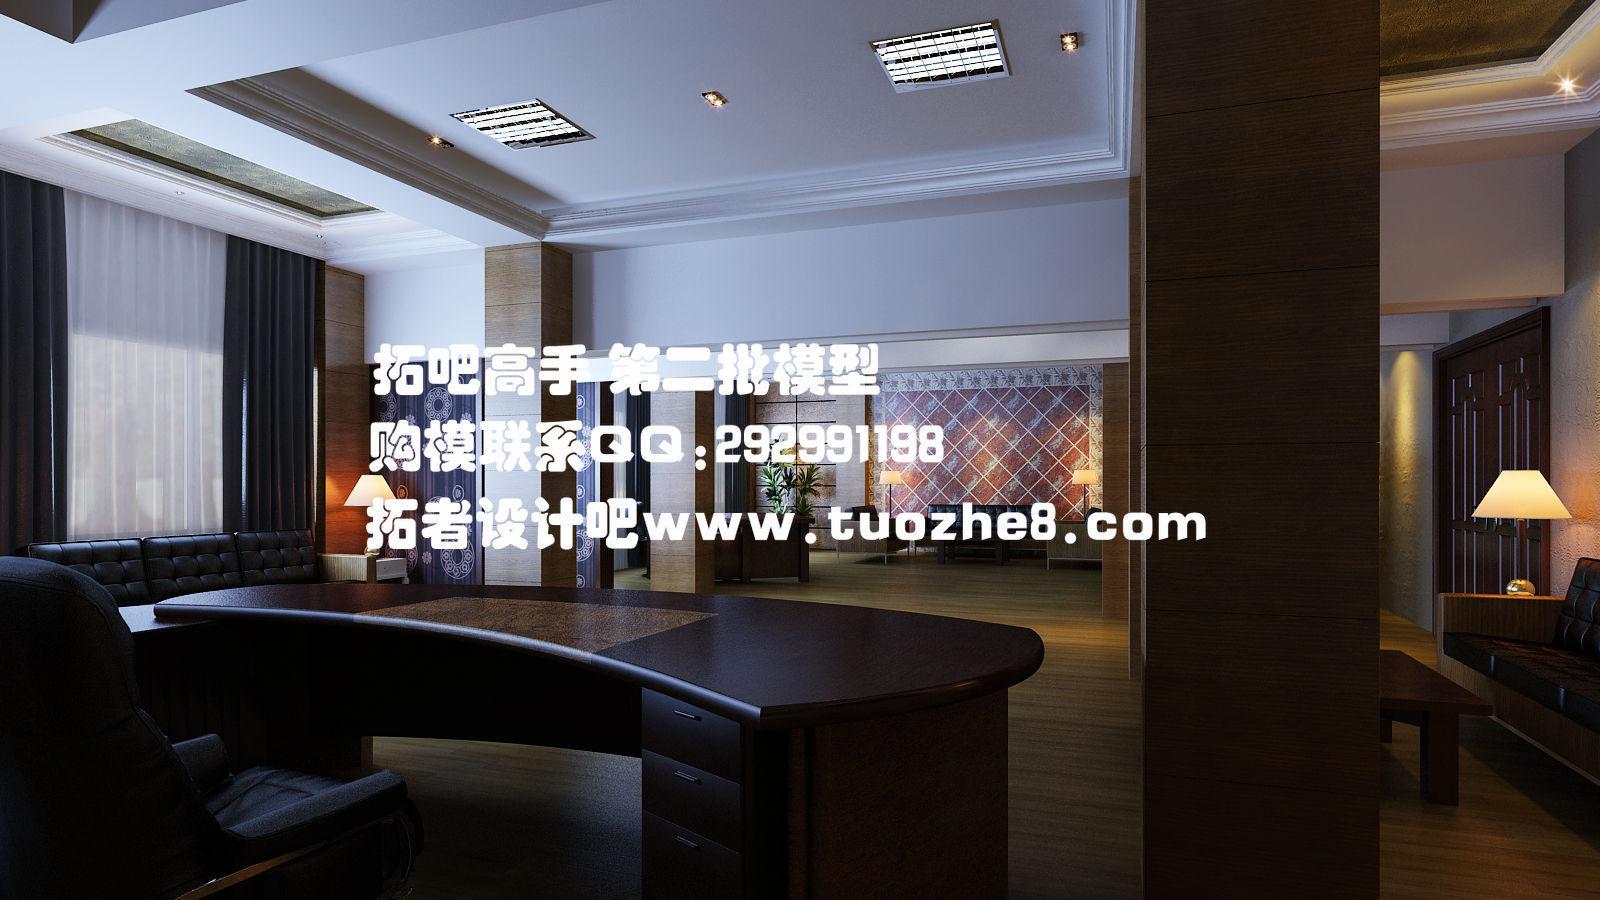 Exhibition Room D : Generous upscale shops exhibition design o d model